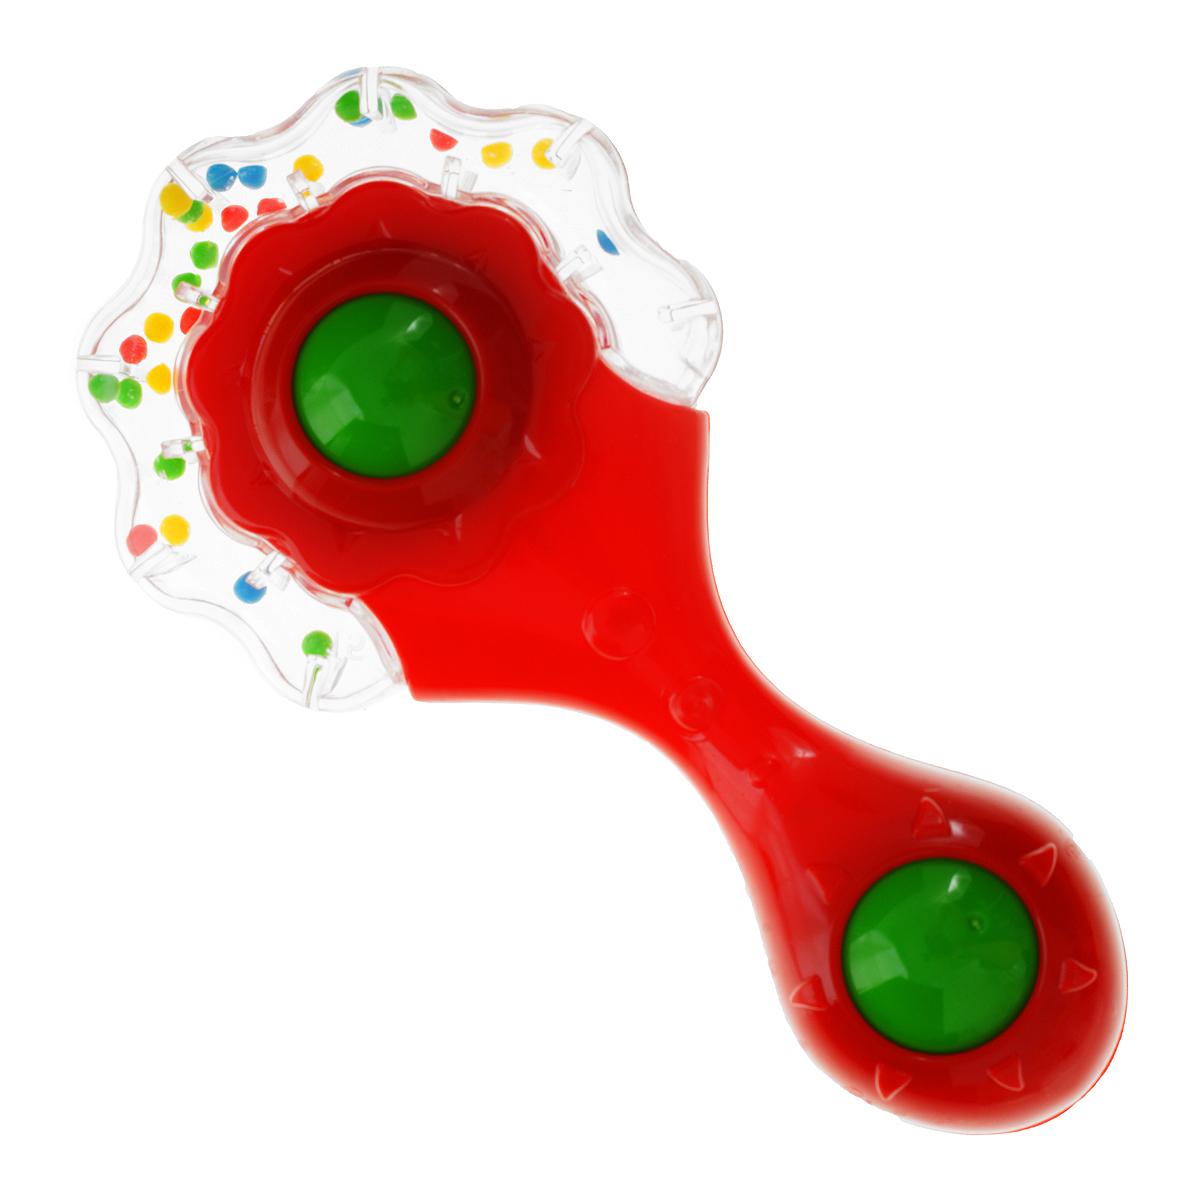 Stellar Погремушка Одуванчик цвет красный01553Погремушка Stellar Одуванчик развлечет вашего ребенка. Она выполнена из яркого пластика и оснащена прозрачной вставкой с цветными бусинами внутри, гремящими при тряске, а также двухцветным шариком, встроенным в ручку. Погремушка знакомит малыша с миром звуков, движения и ярких цветов.